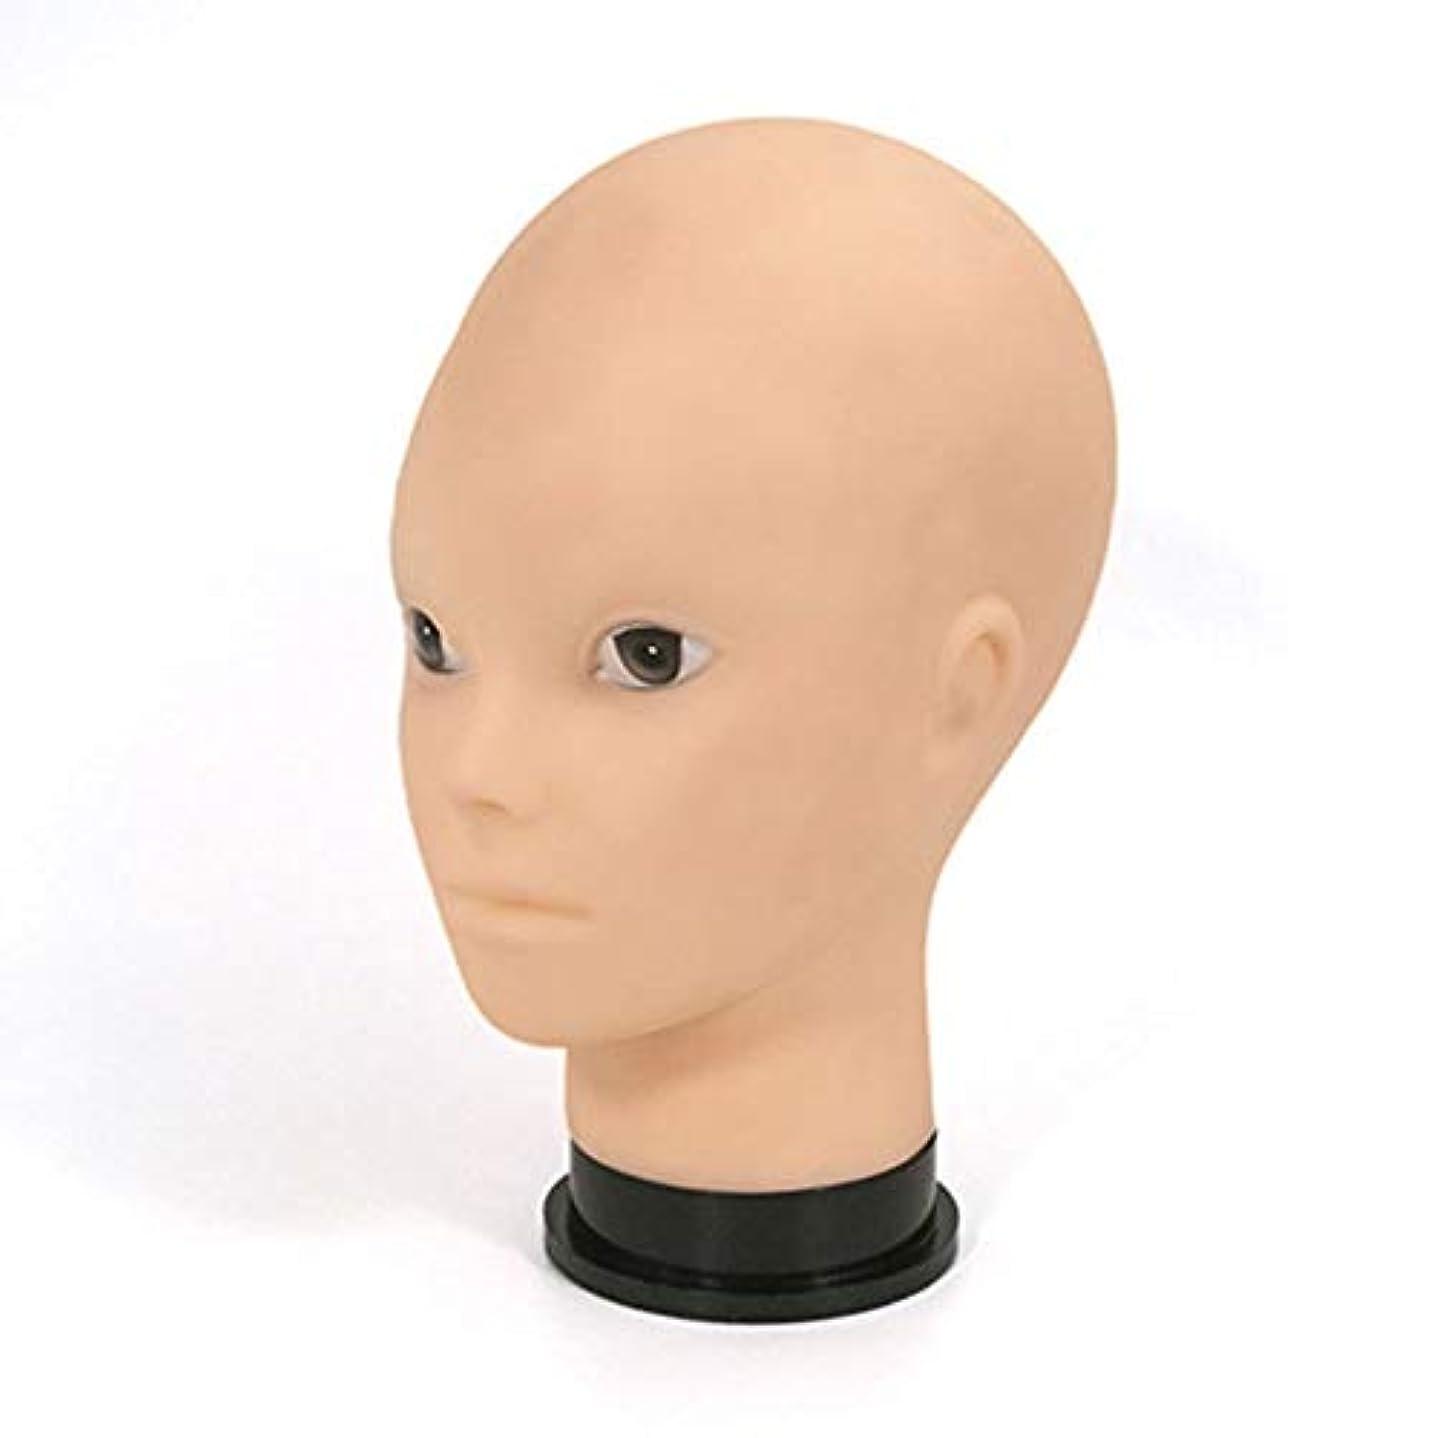 レンダリングスプレー政治家のモデルヘッドモードdげ頭ダミーモデルヘッドシミュレーションヘッドウィッグハットスカーフディスプレイ小道具